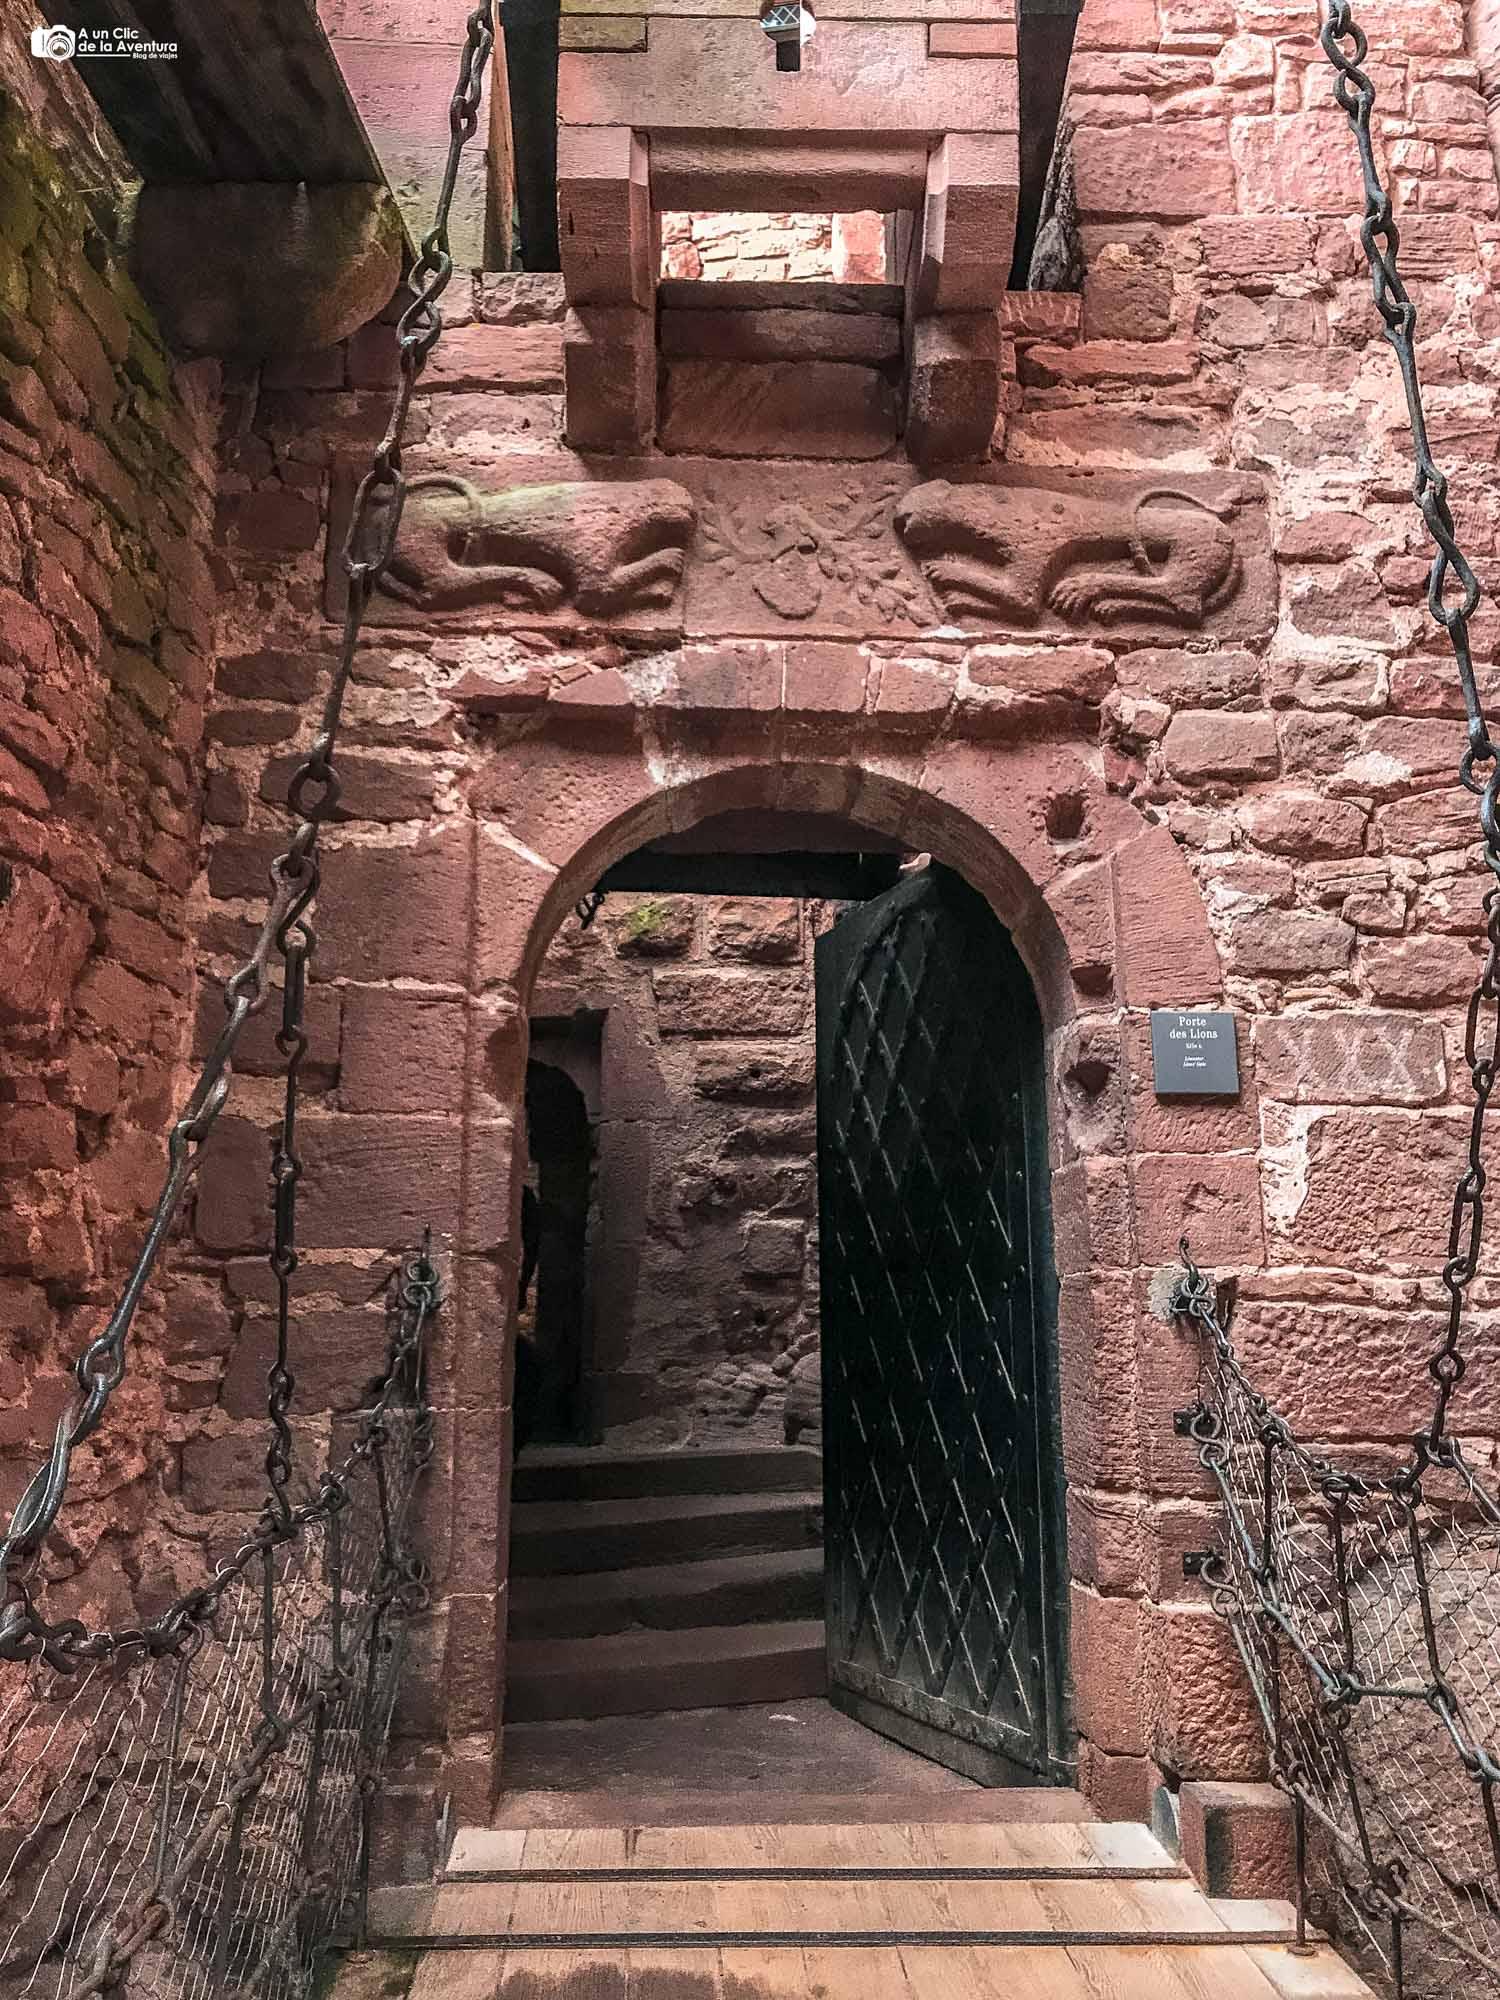 Puerta del León del Castillo de Haut-Koenigsbourg